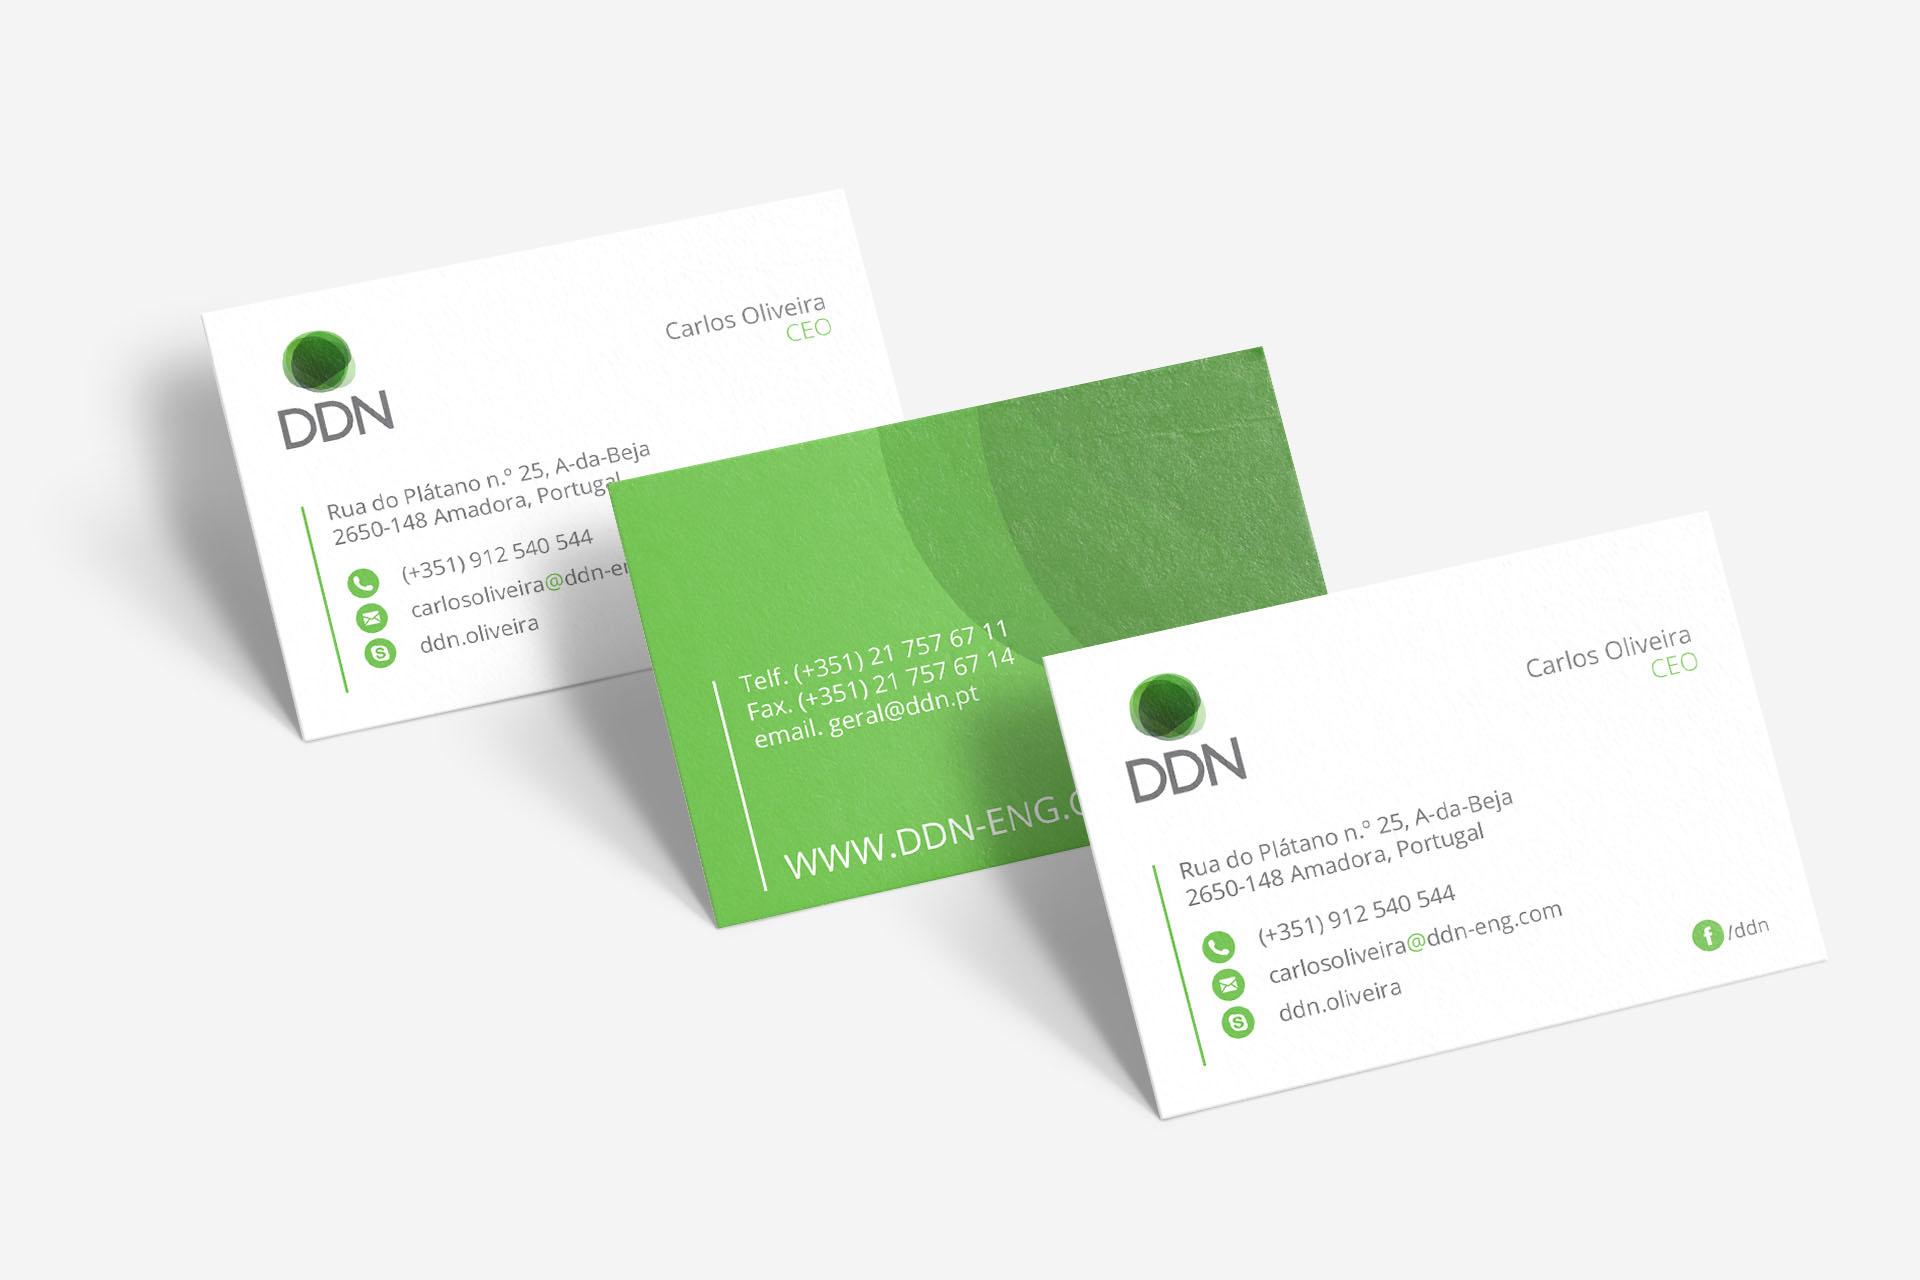 DDN - Cartões de Visita